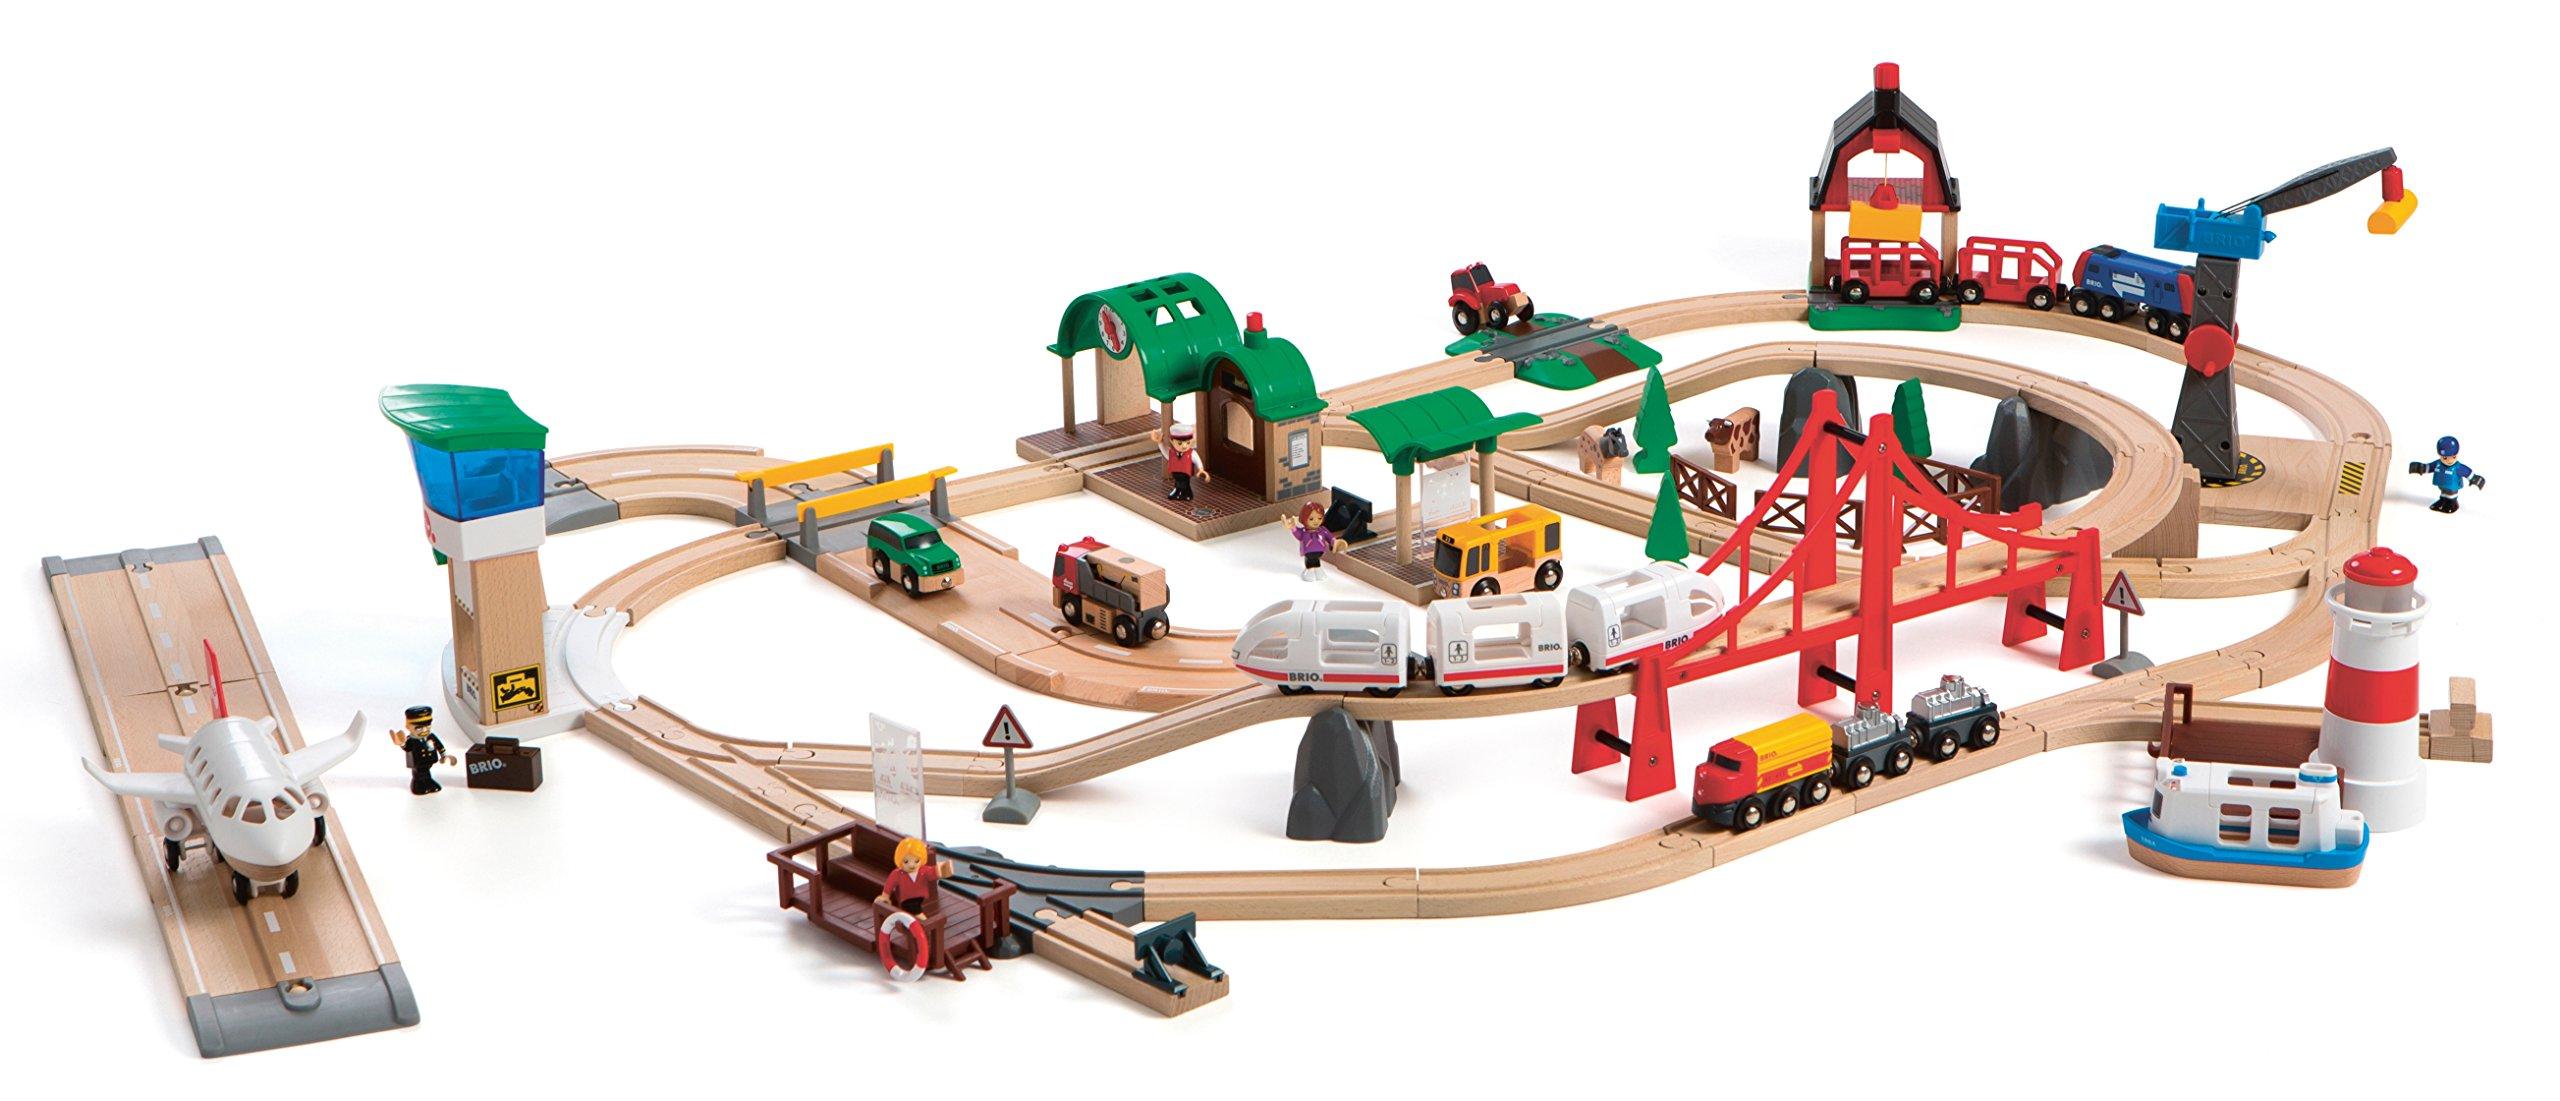 BRIO Railway World Deluxe Set by Brio (Image #2)